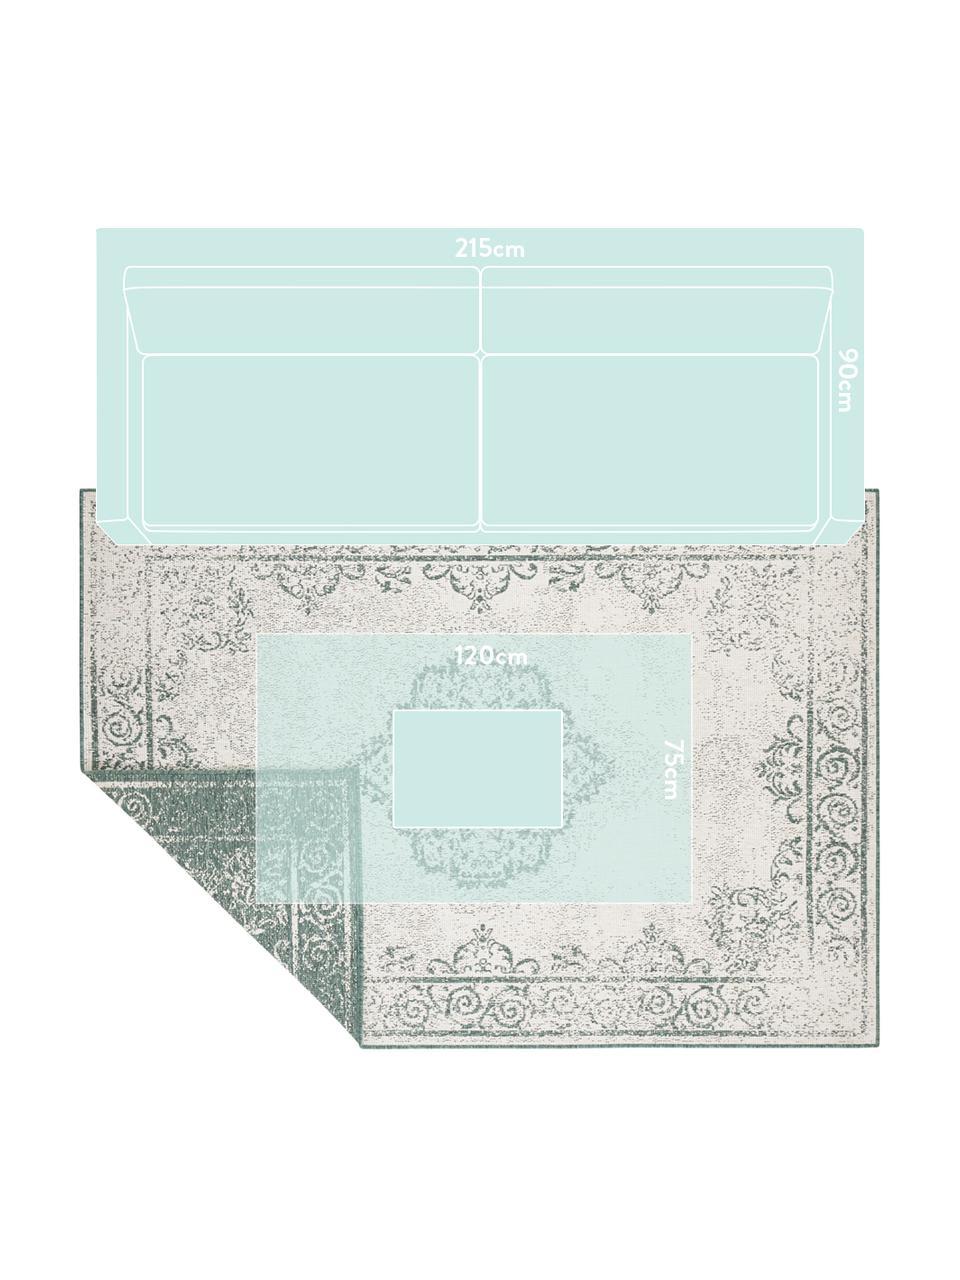 Tapis réversible intérieur-extérieur aspect vintage vert/crème Cebu, Vert, crème